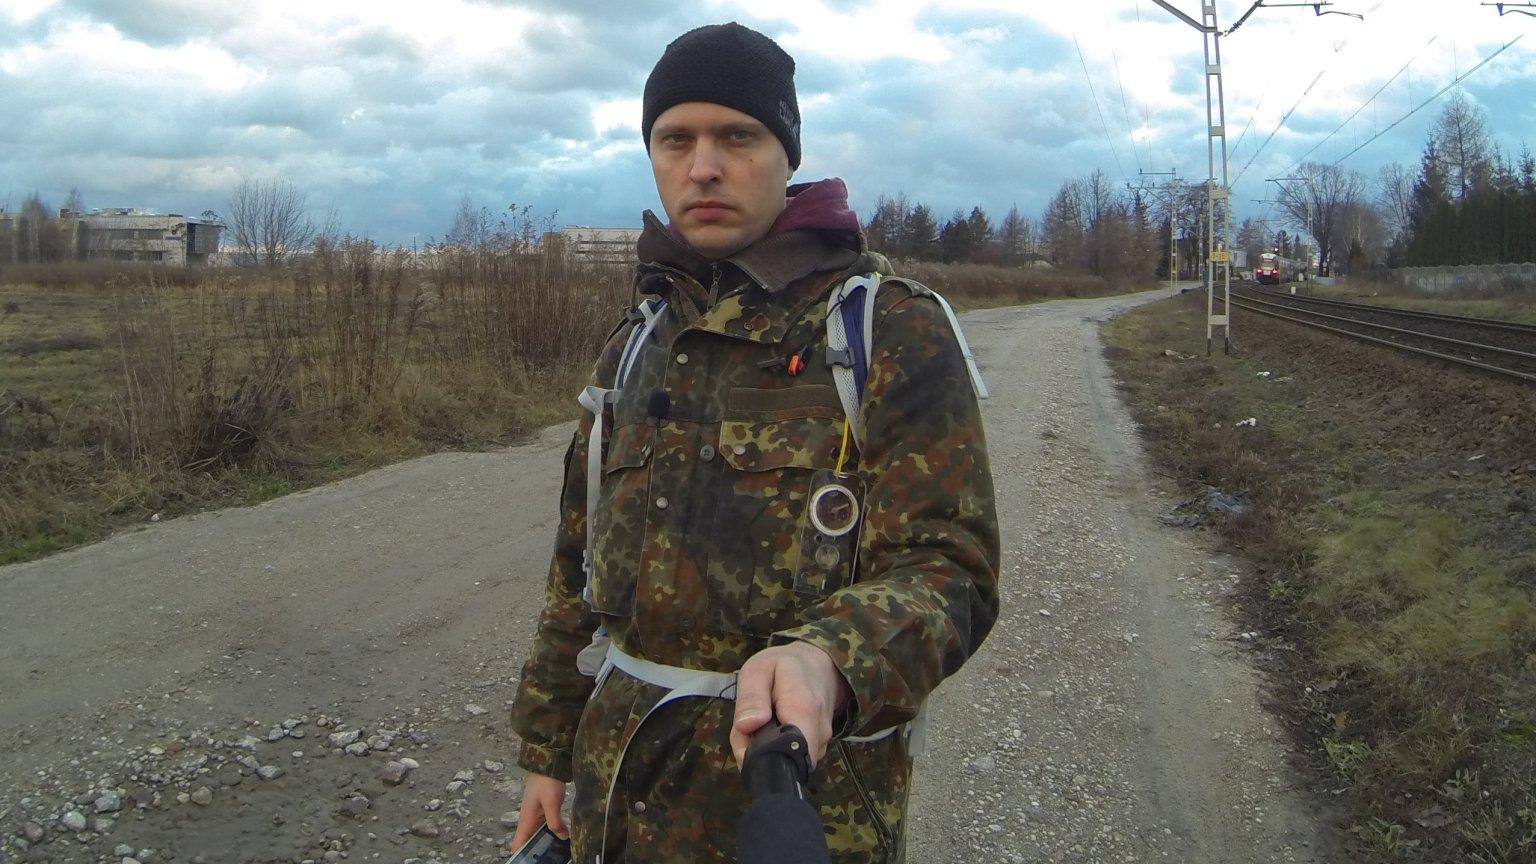 Krzysztof Lis